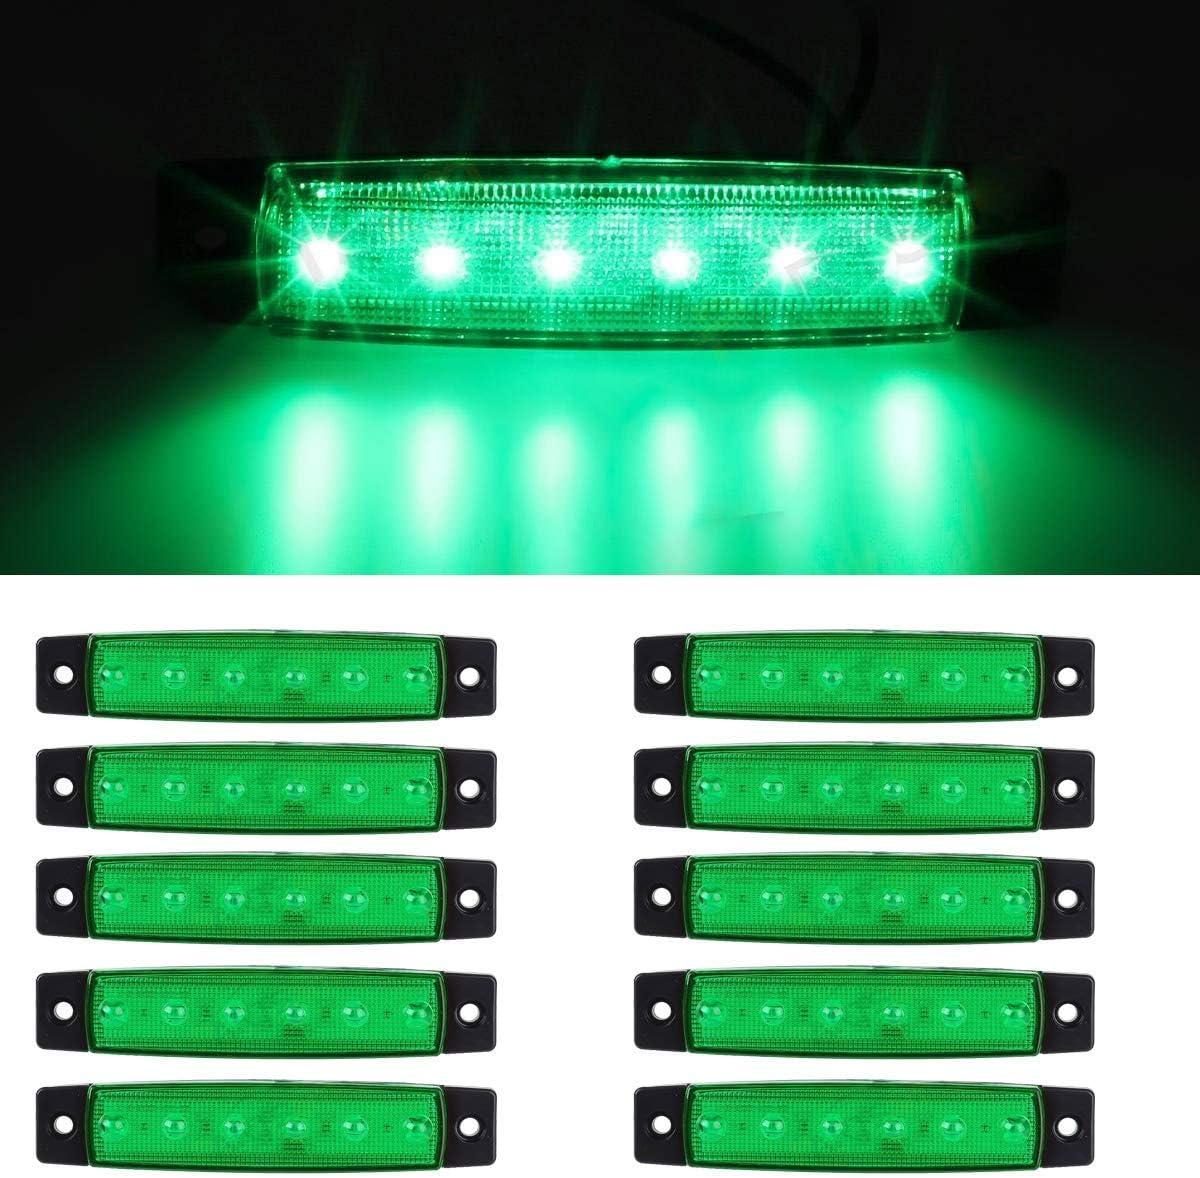 LED-Seitenmarkierungsleuchten Wei/ß 10 St/ücke LED Lkw Seitenlichter 6 SMD LED Seitenmarkierungs-kontrollleuchte Vorne Hinten Seitenlicht Positionslampen 12 V f/ür Auto